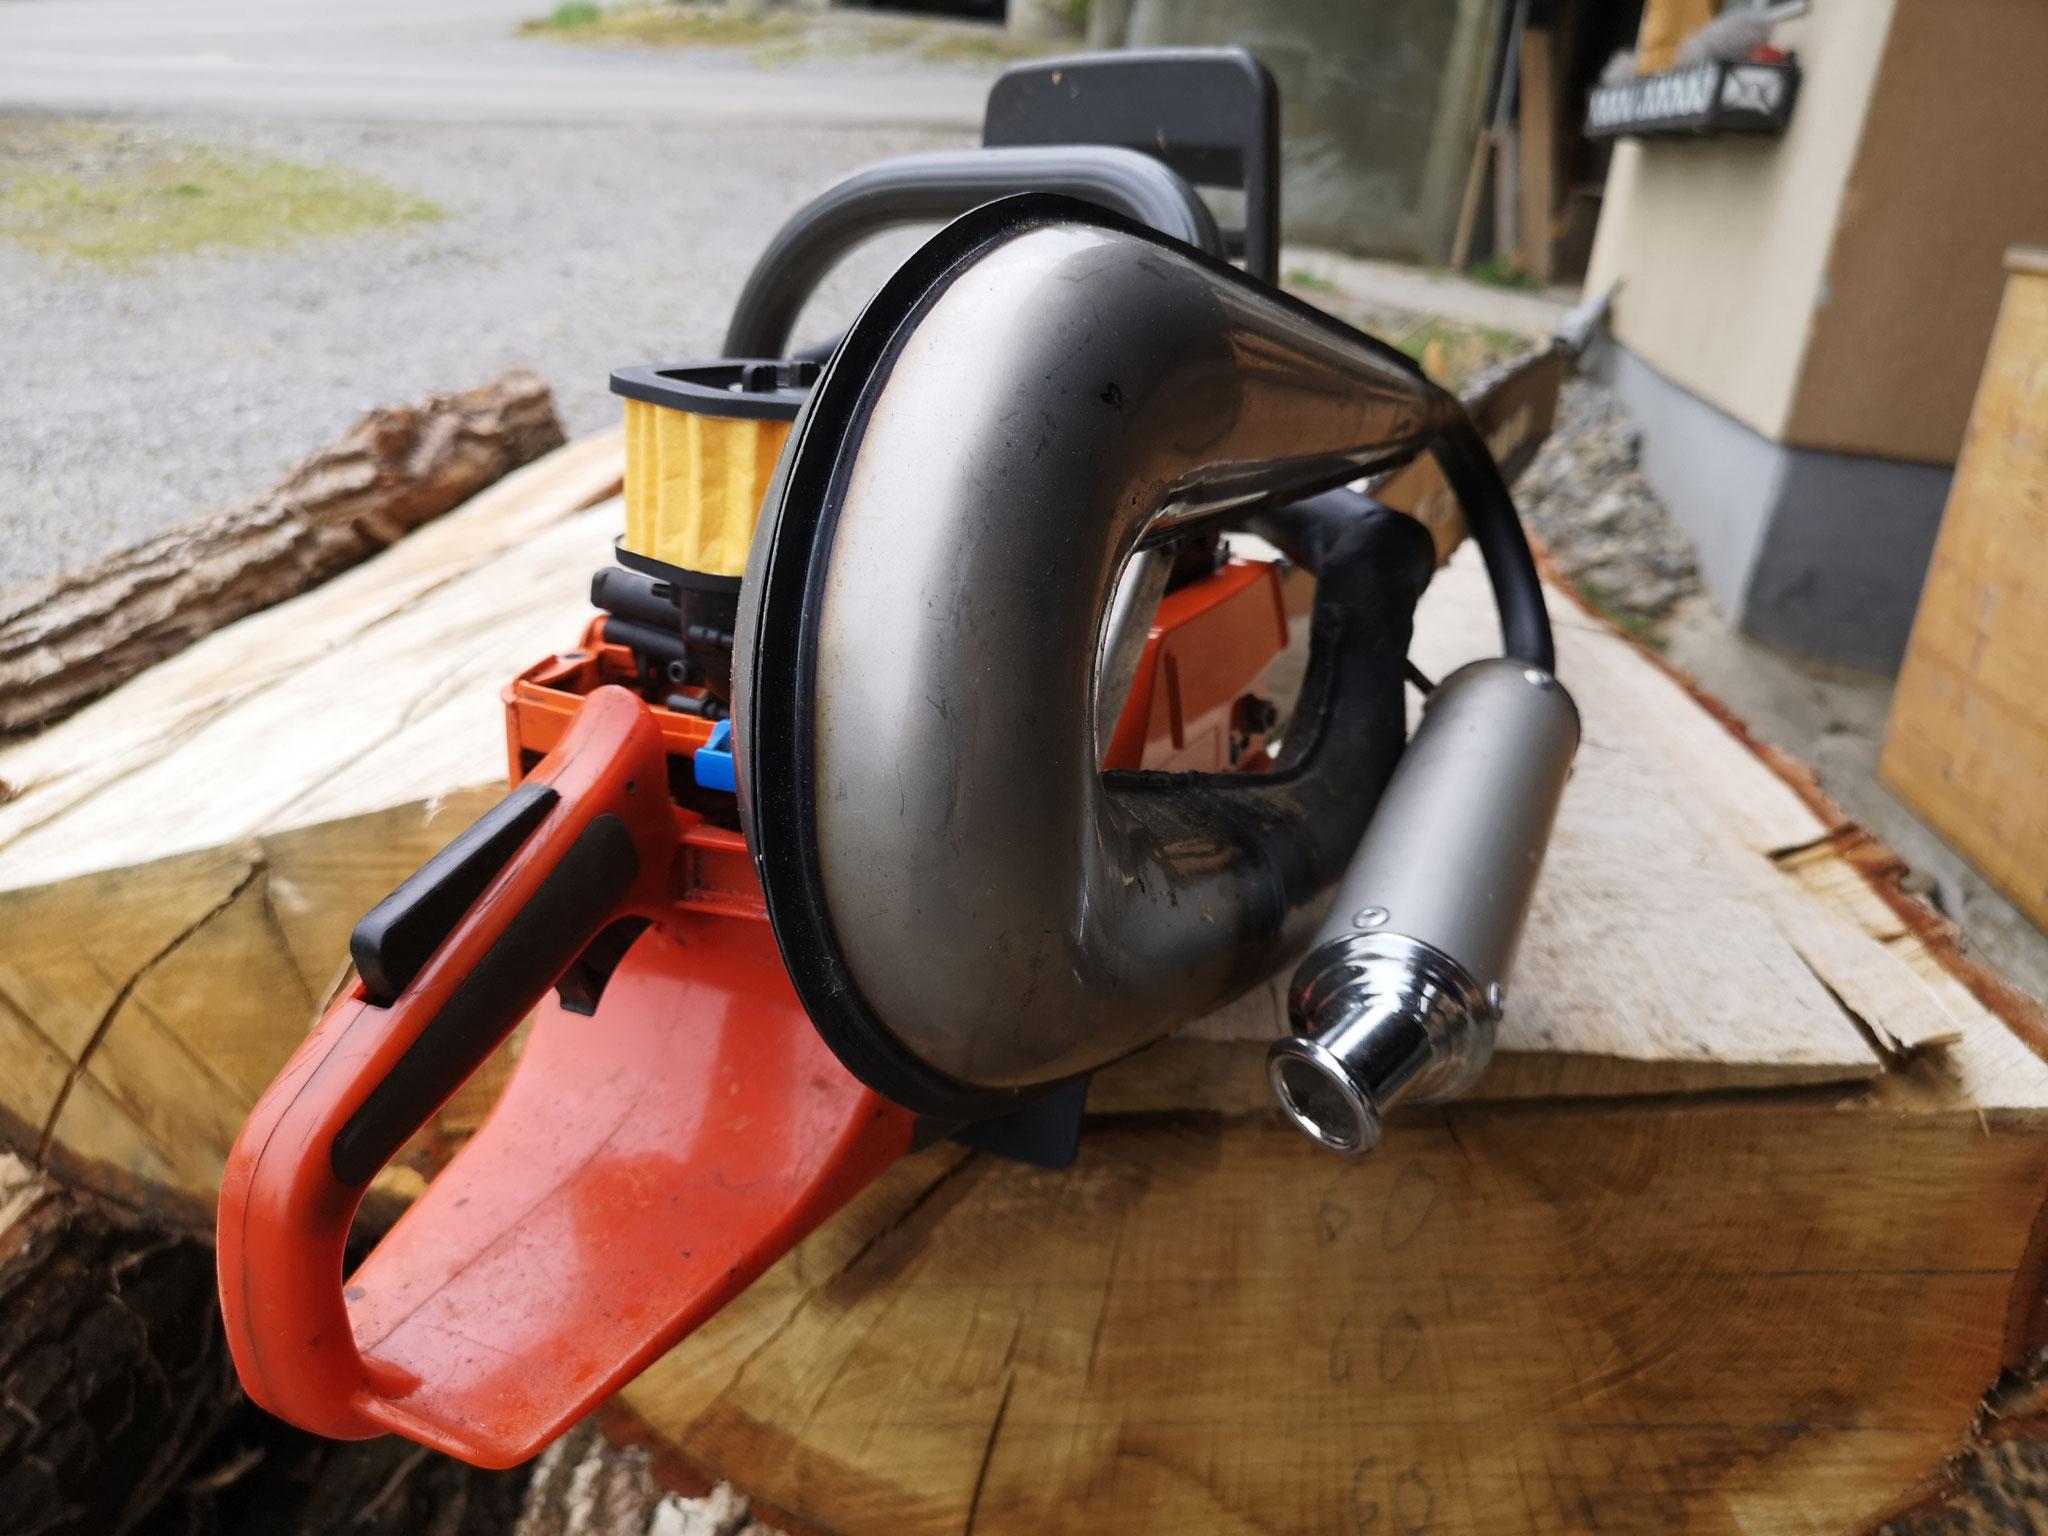 Meine grösste Säge für Stämme  ab 90cm Durchmesser zu bearbeiten